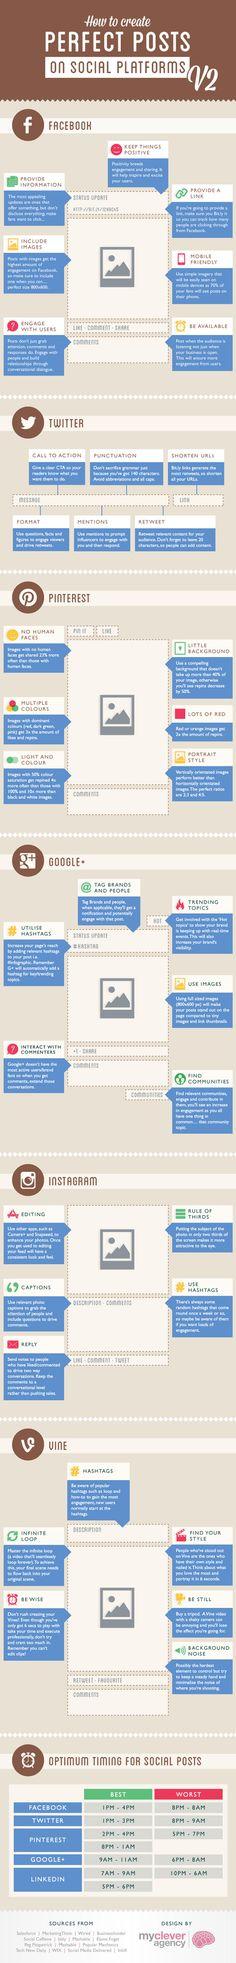 Hoe maak je een perfecte post op elk sociaal platform? [infographic] | Twittermania